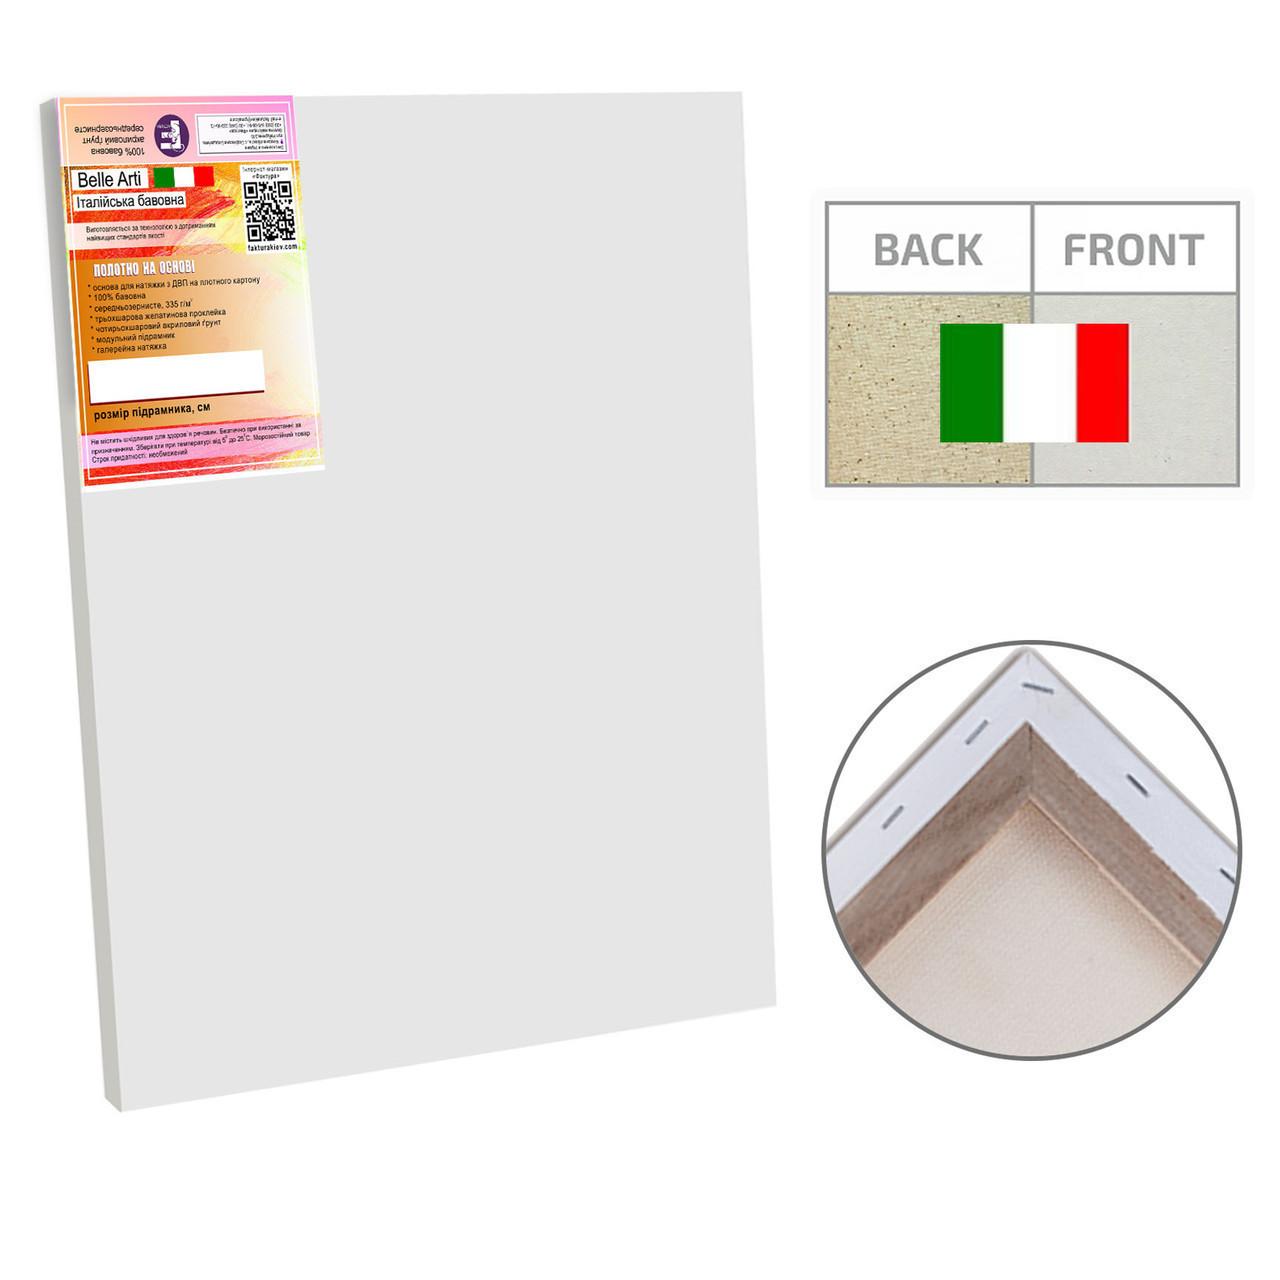 Холст на подрамнике Factura BelleArti 20х50 см Итальянский хлопок 285 грамм кв.м. среднее зерно белый